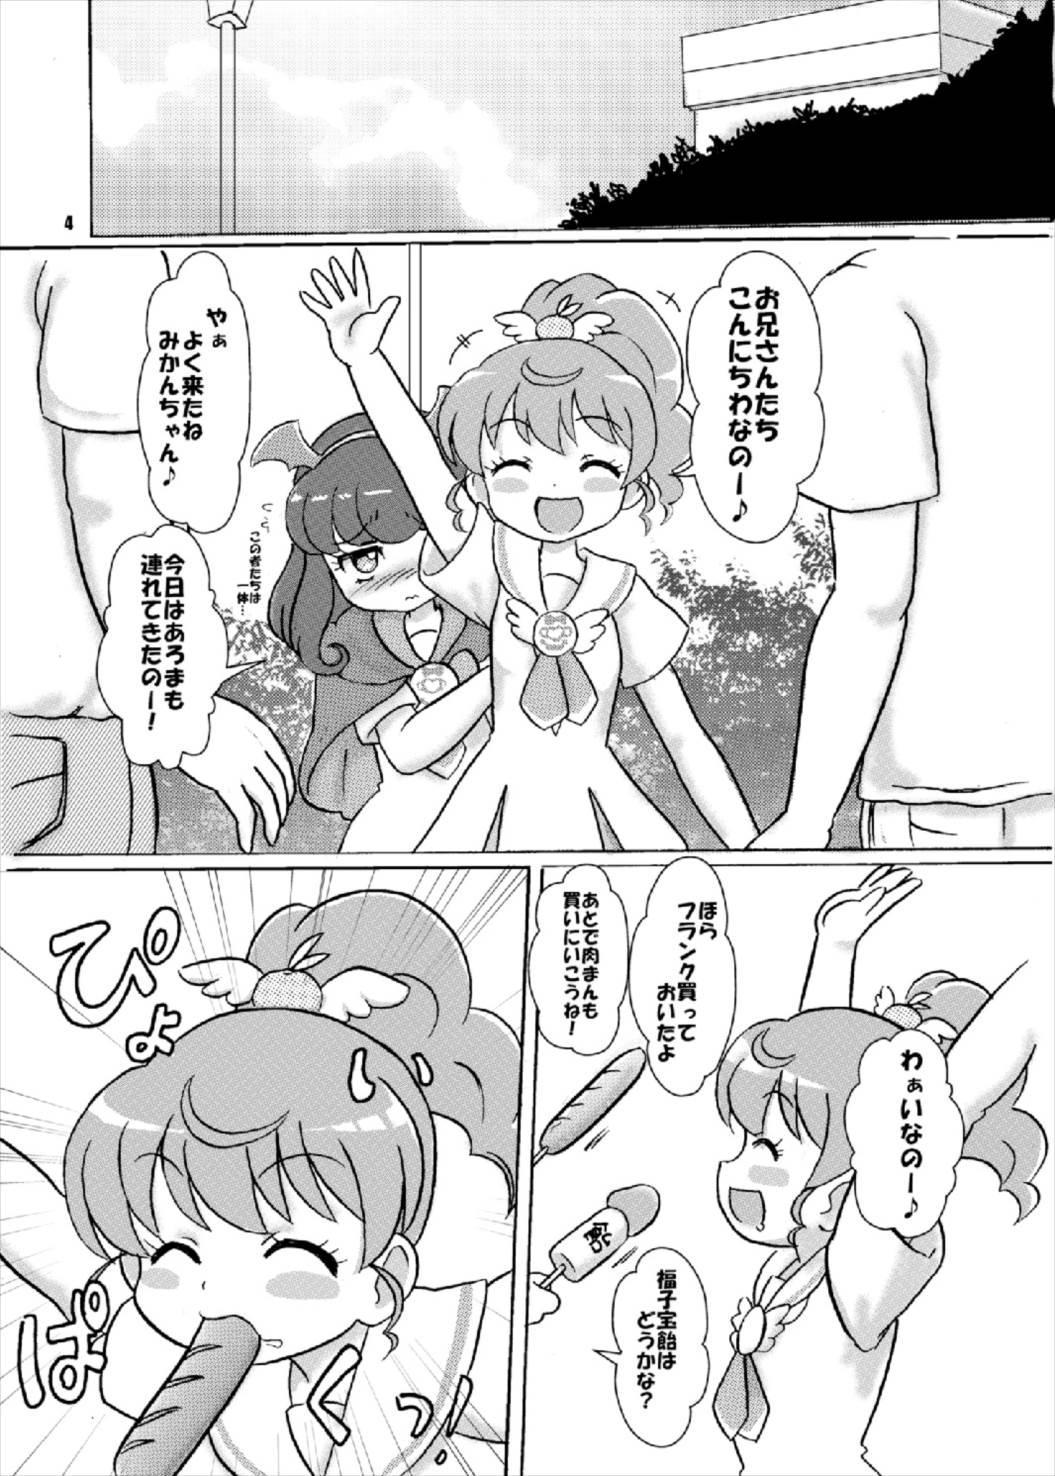 汁じる えんじぇる~ン♪ 3